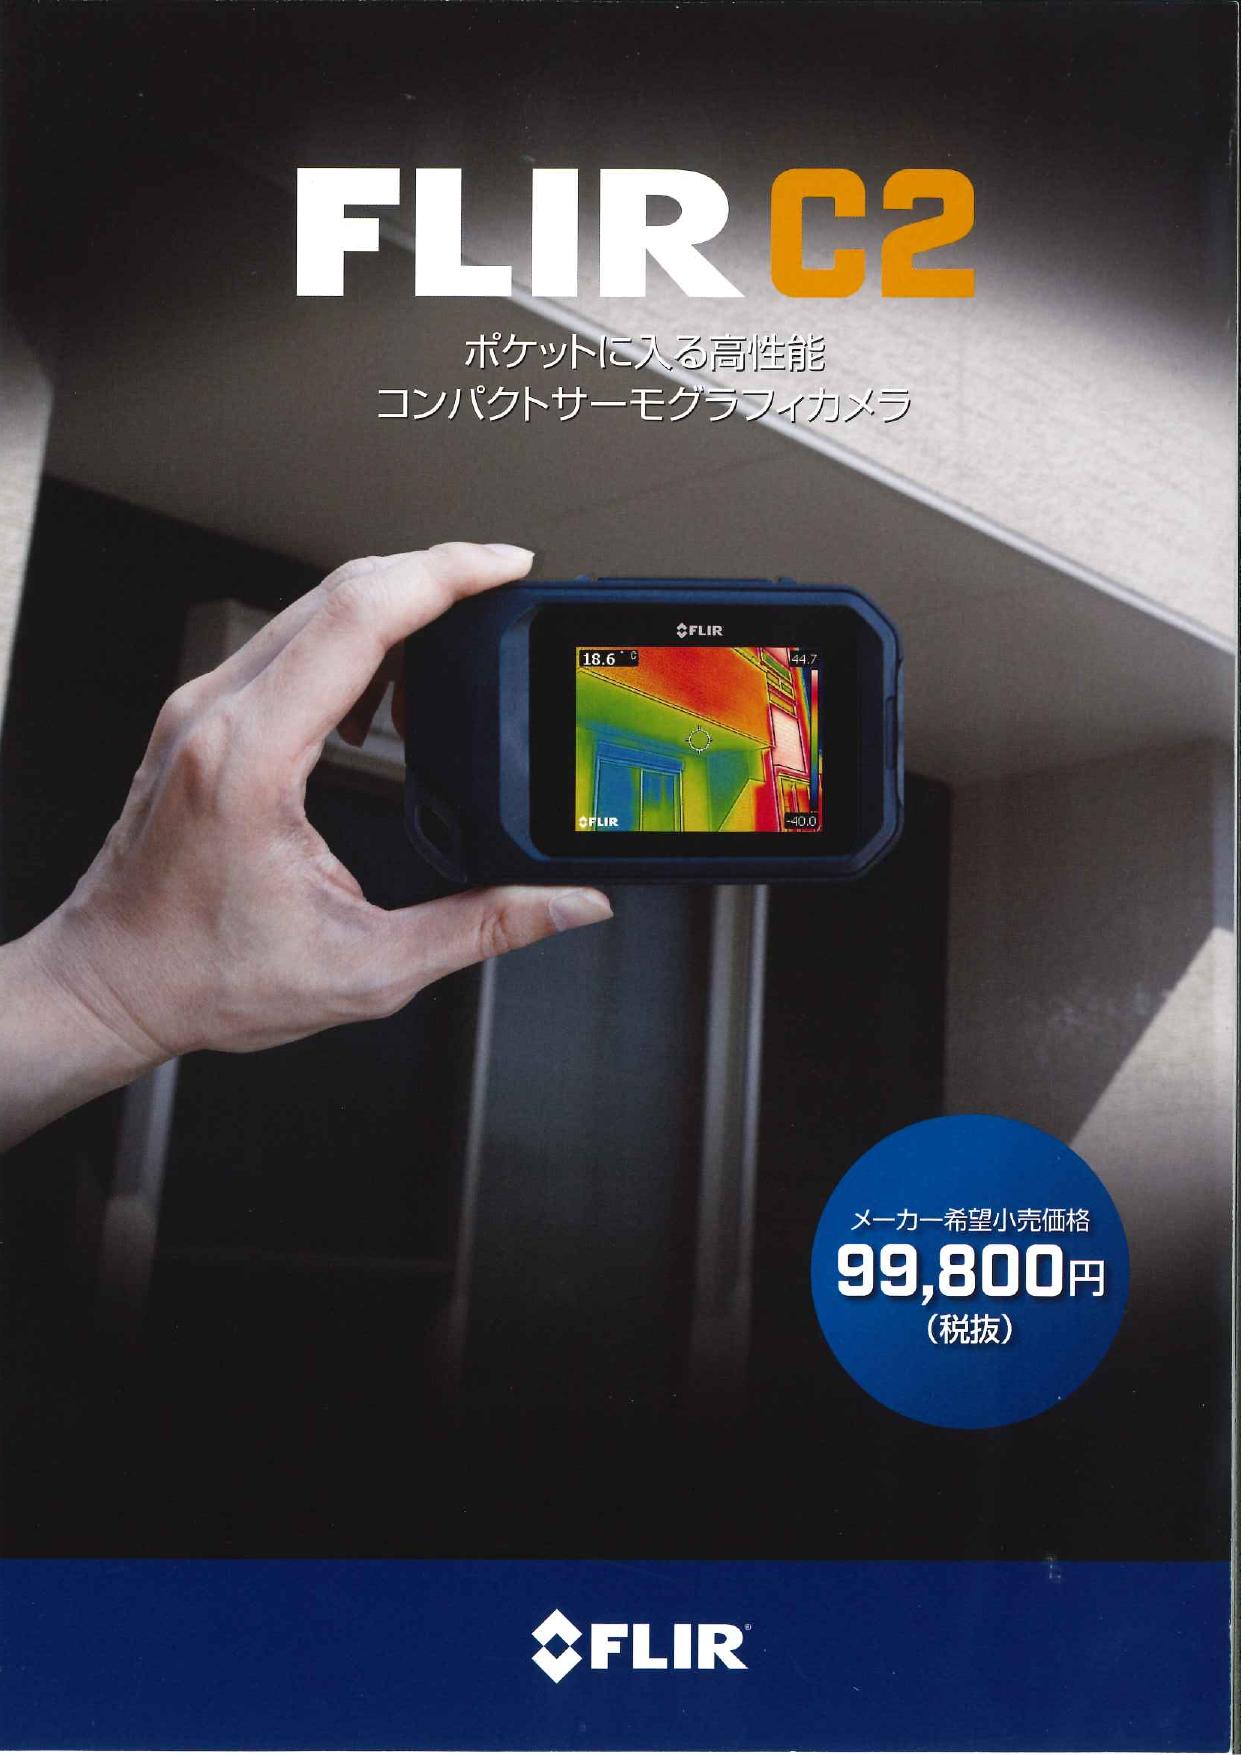 ポケットサイズ 多機能赤外線サーモグラフィカメラFLIR C2